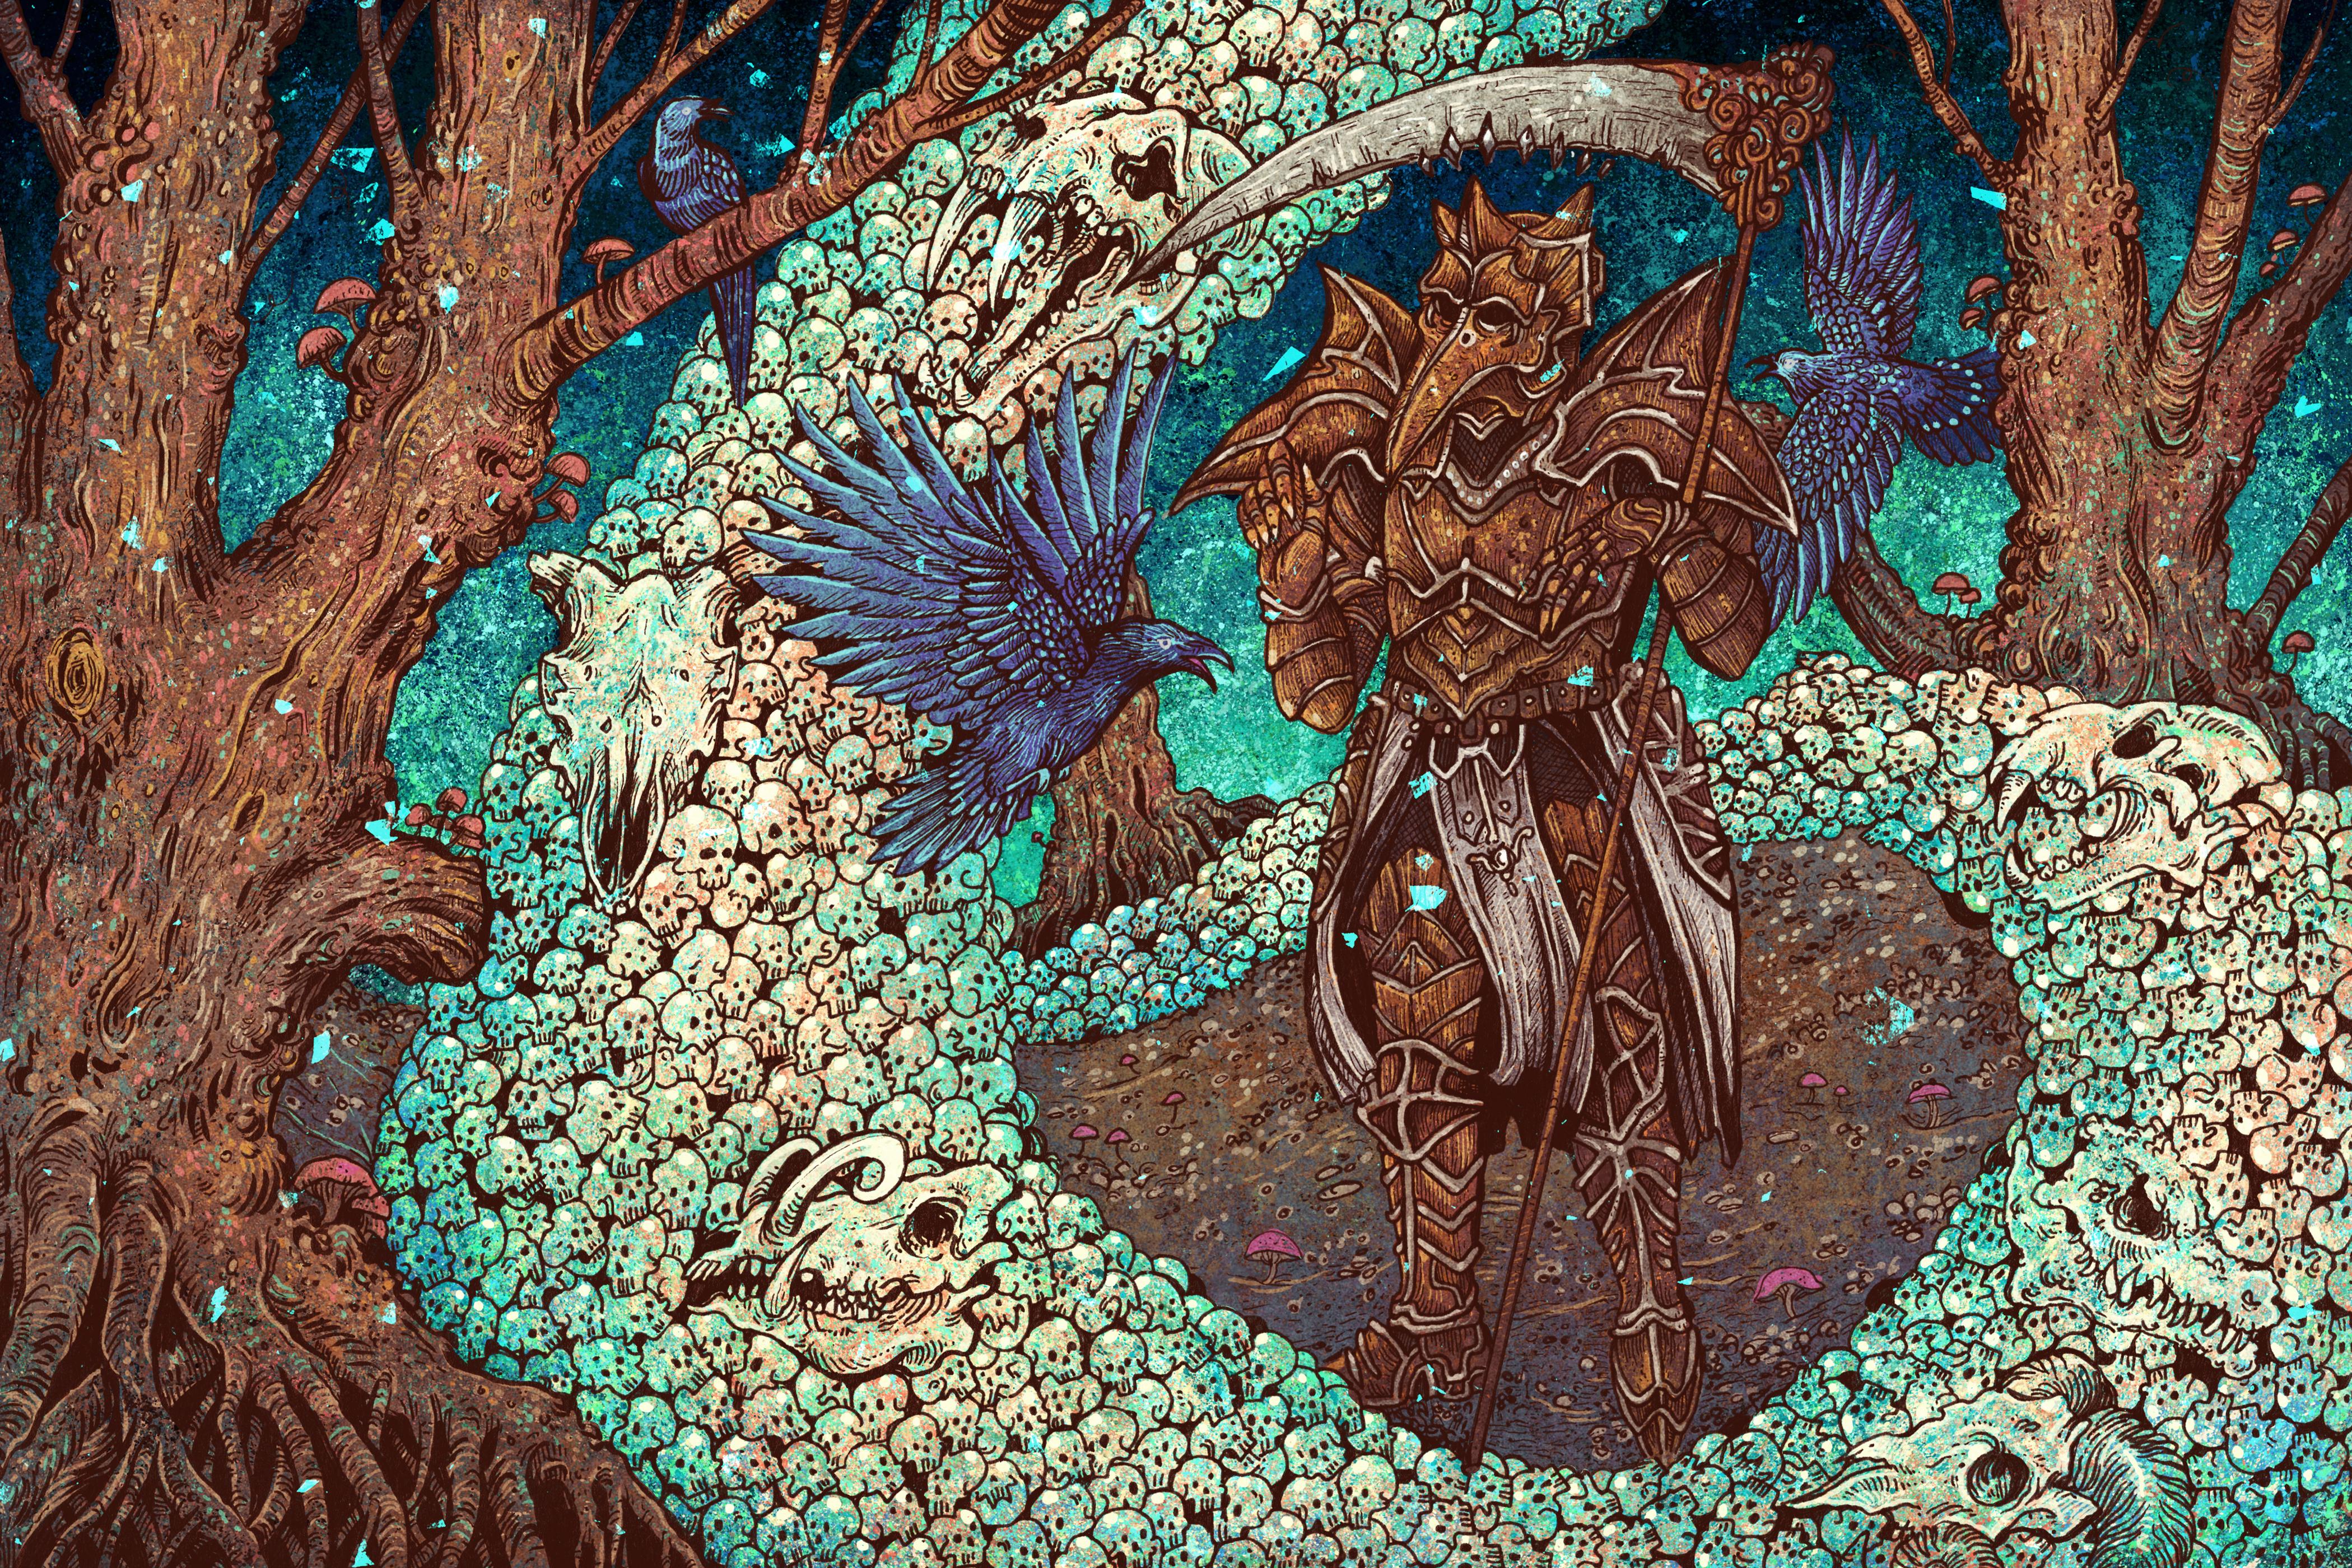 Armor Diablo Iii Necromancer Diablo Iii Scythe Skull 4199x2800